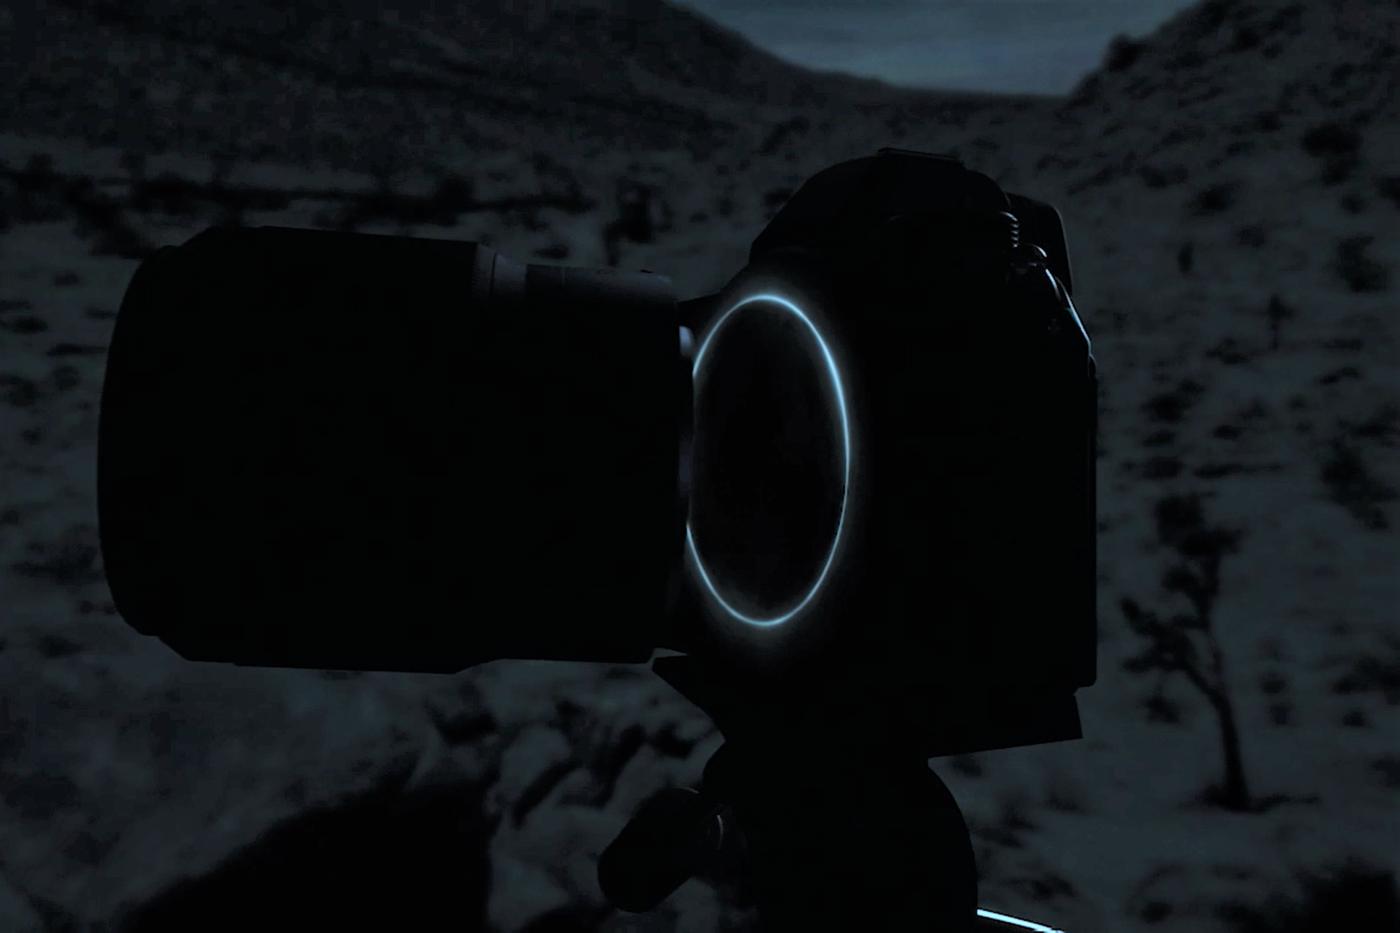 ニコンが新型ミラーレスカメラと思われる映像を公開